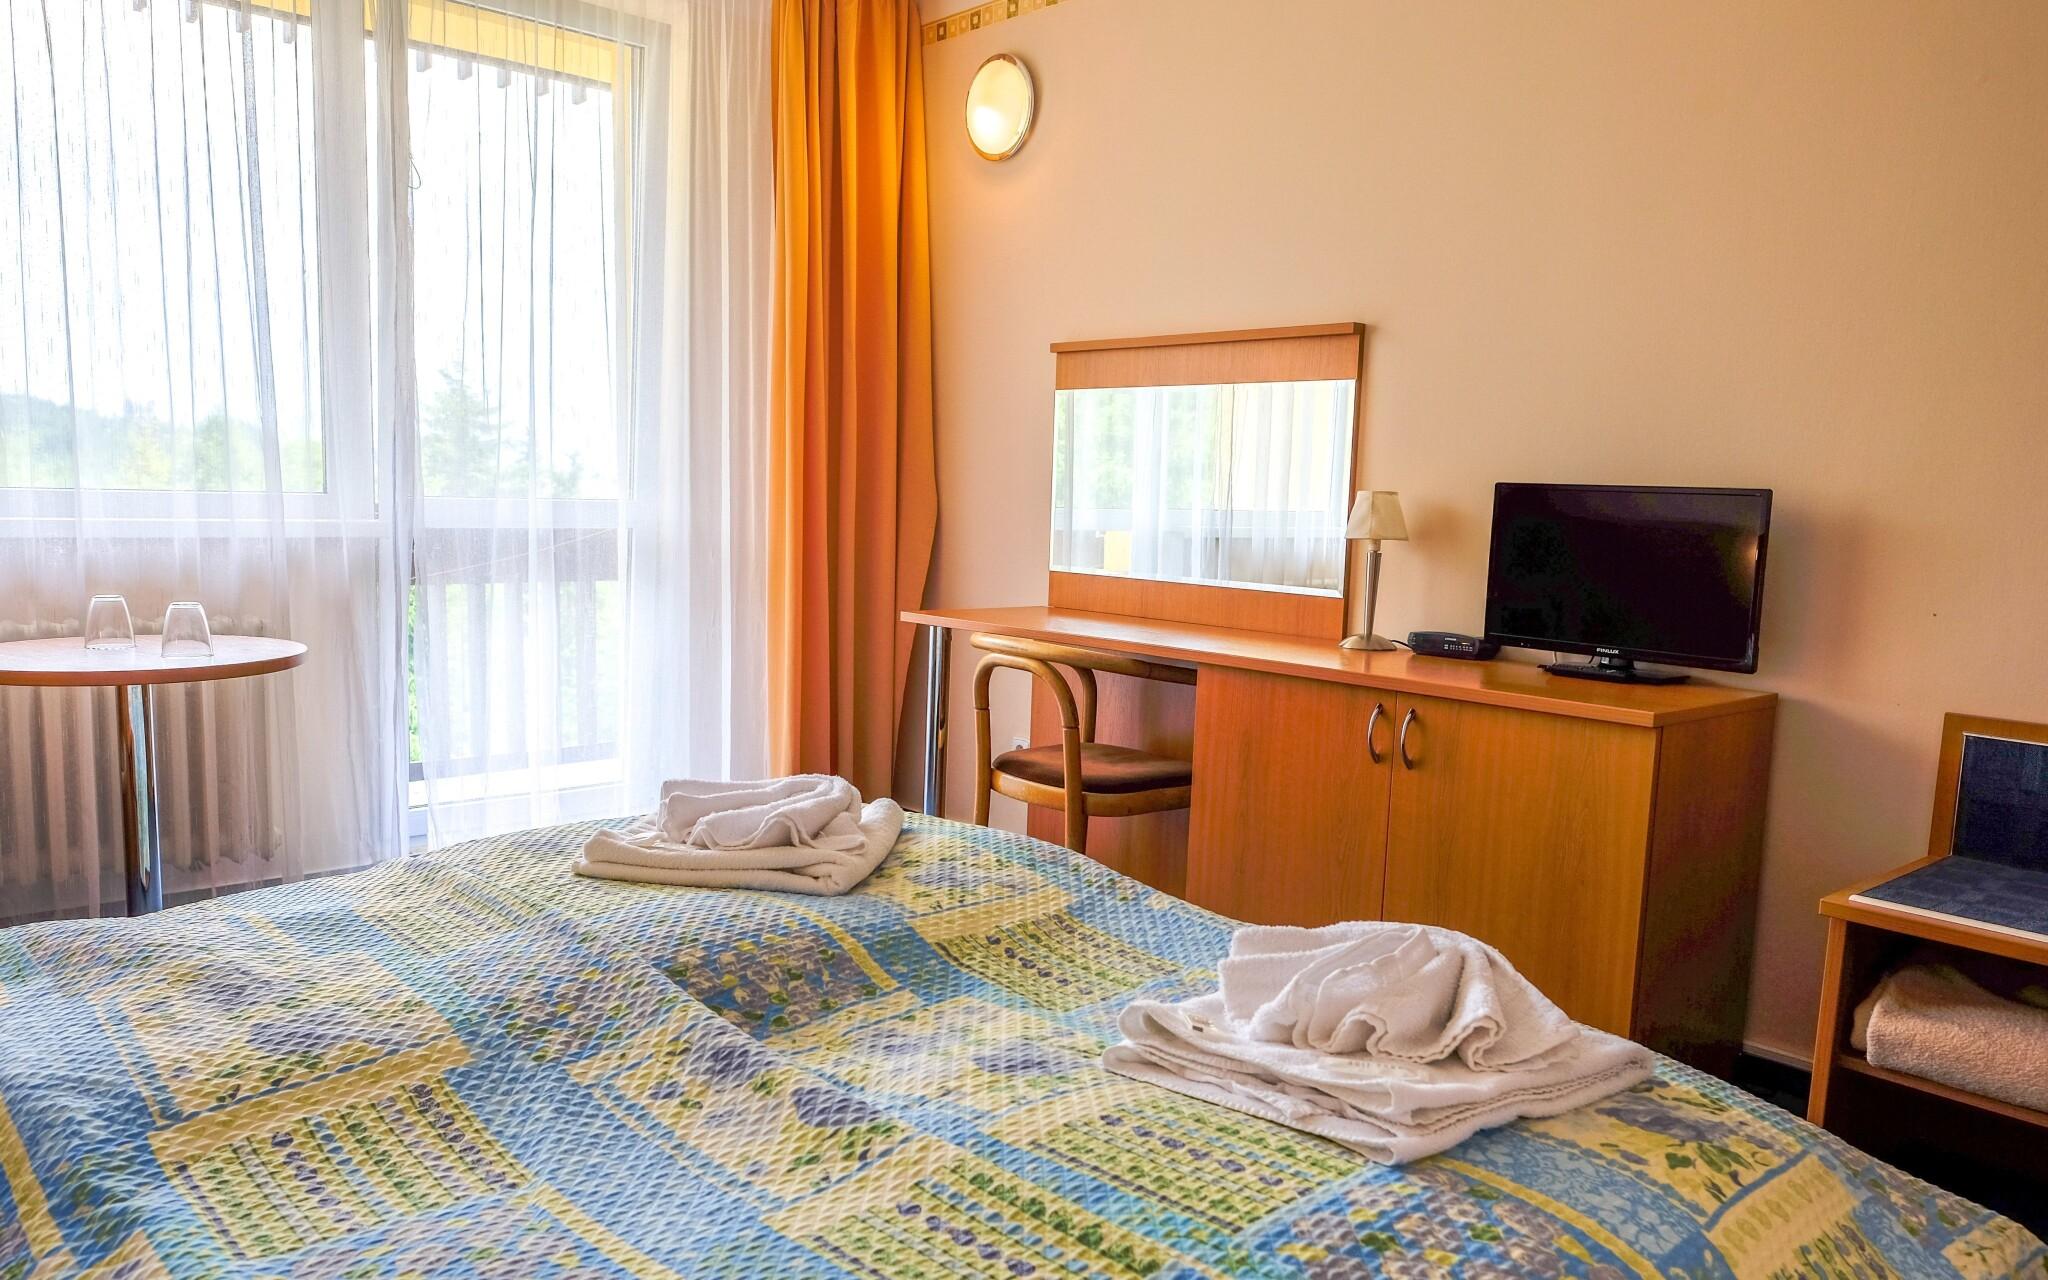 Izby, Hotel Rysy ***, Vysoké Tatry, Slovensko